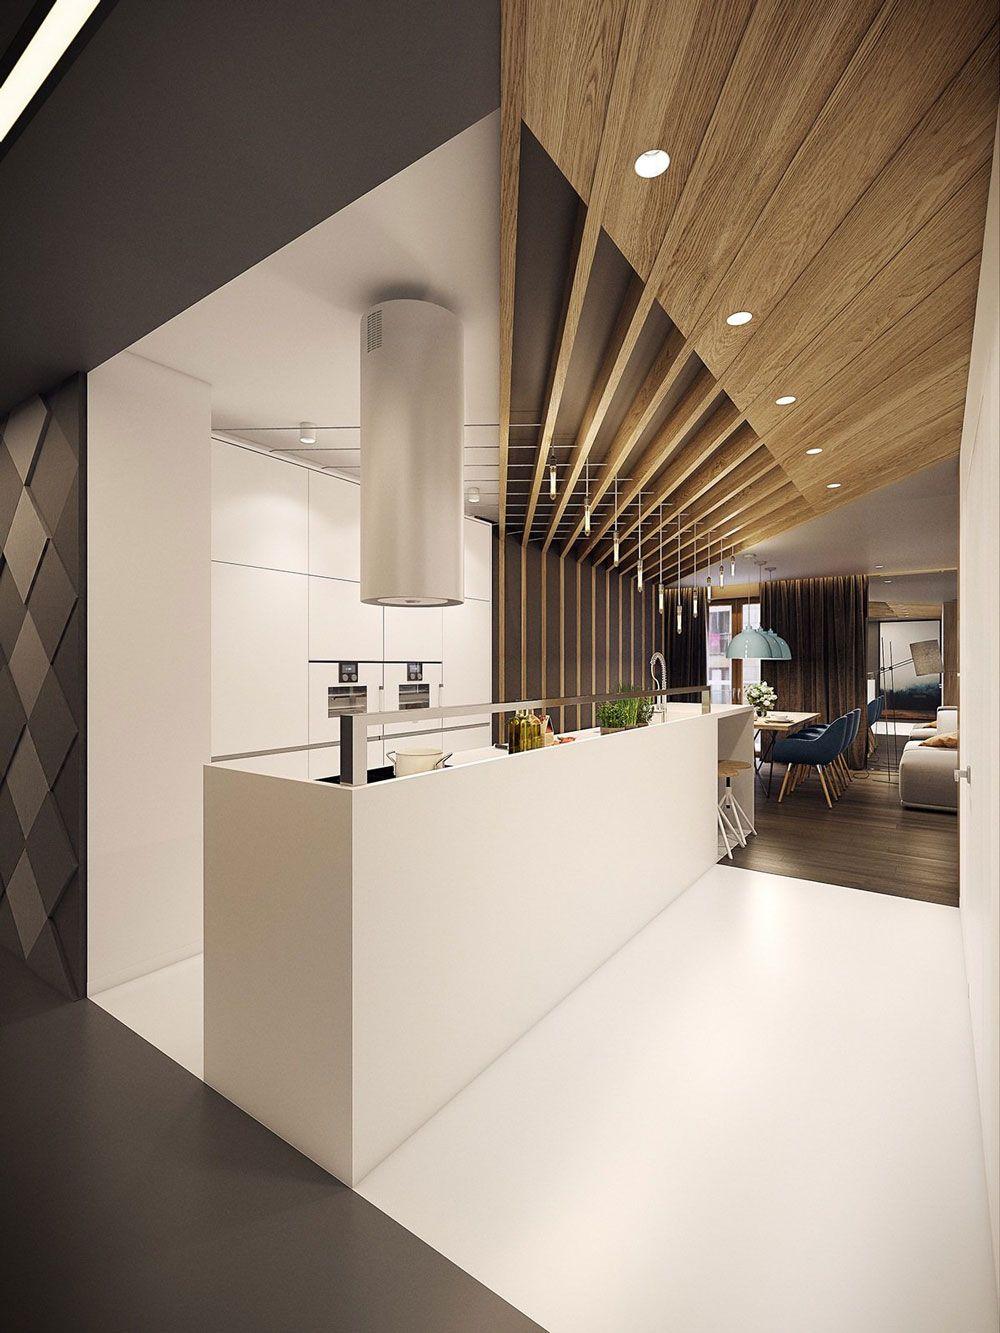 Stupendo appartamento stile moderno. Design elegante ad alto ...